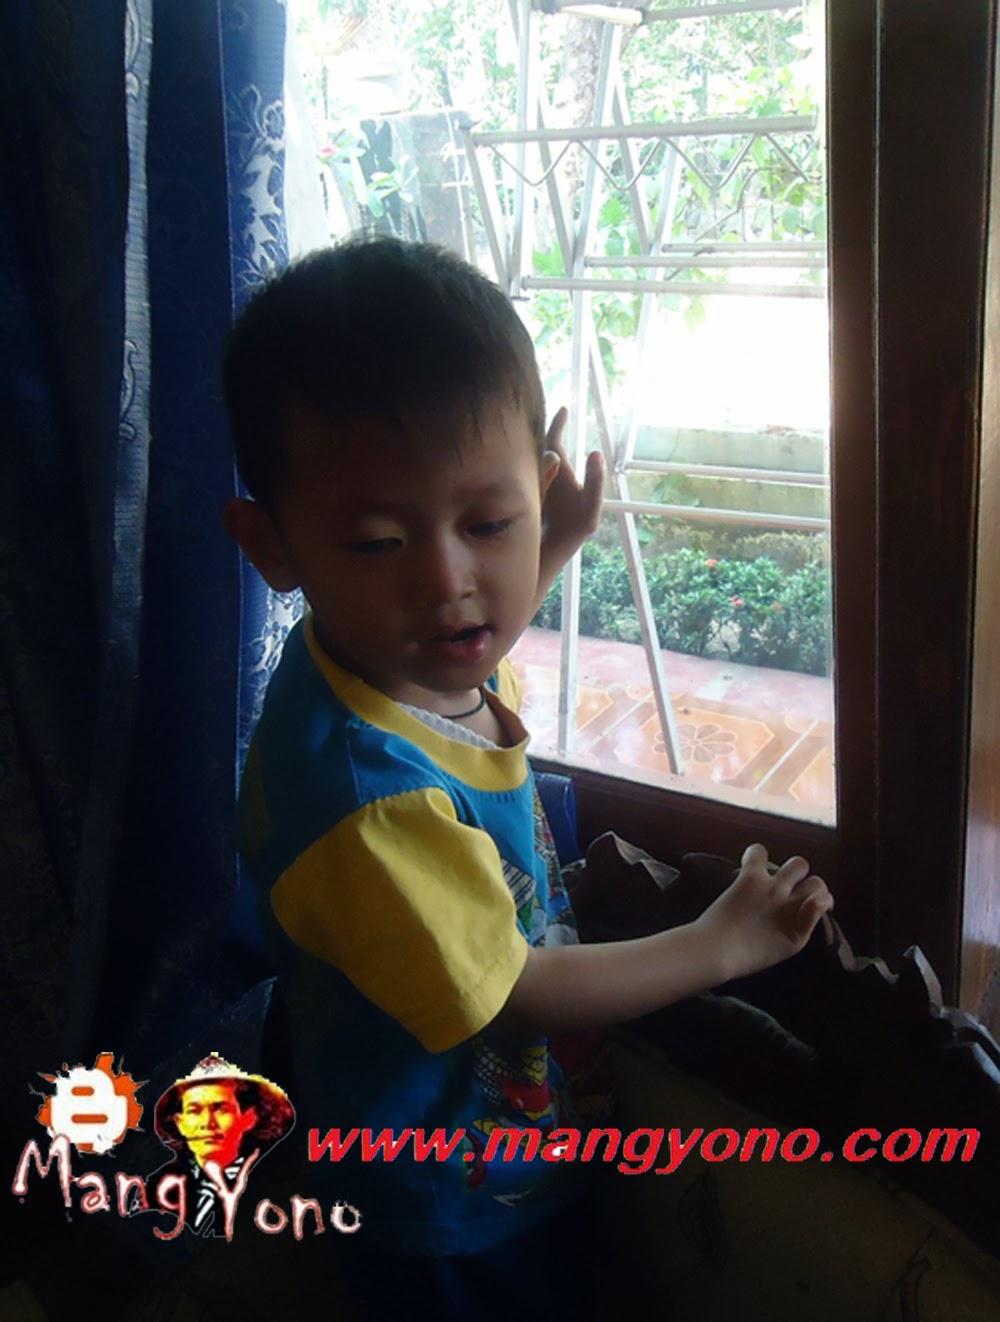 Gigin anak saya naik kekursi dan gedor - gedor kaca jendela